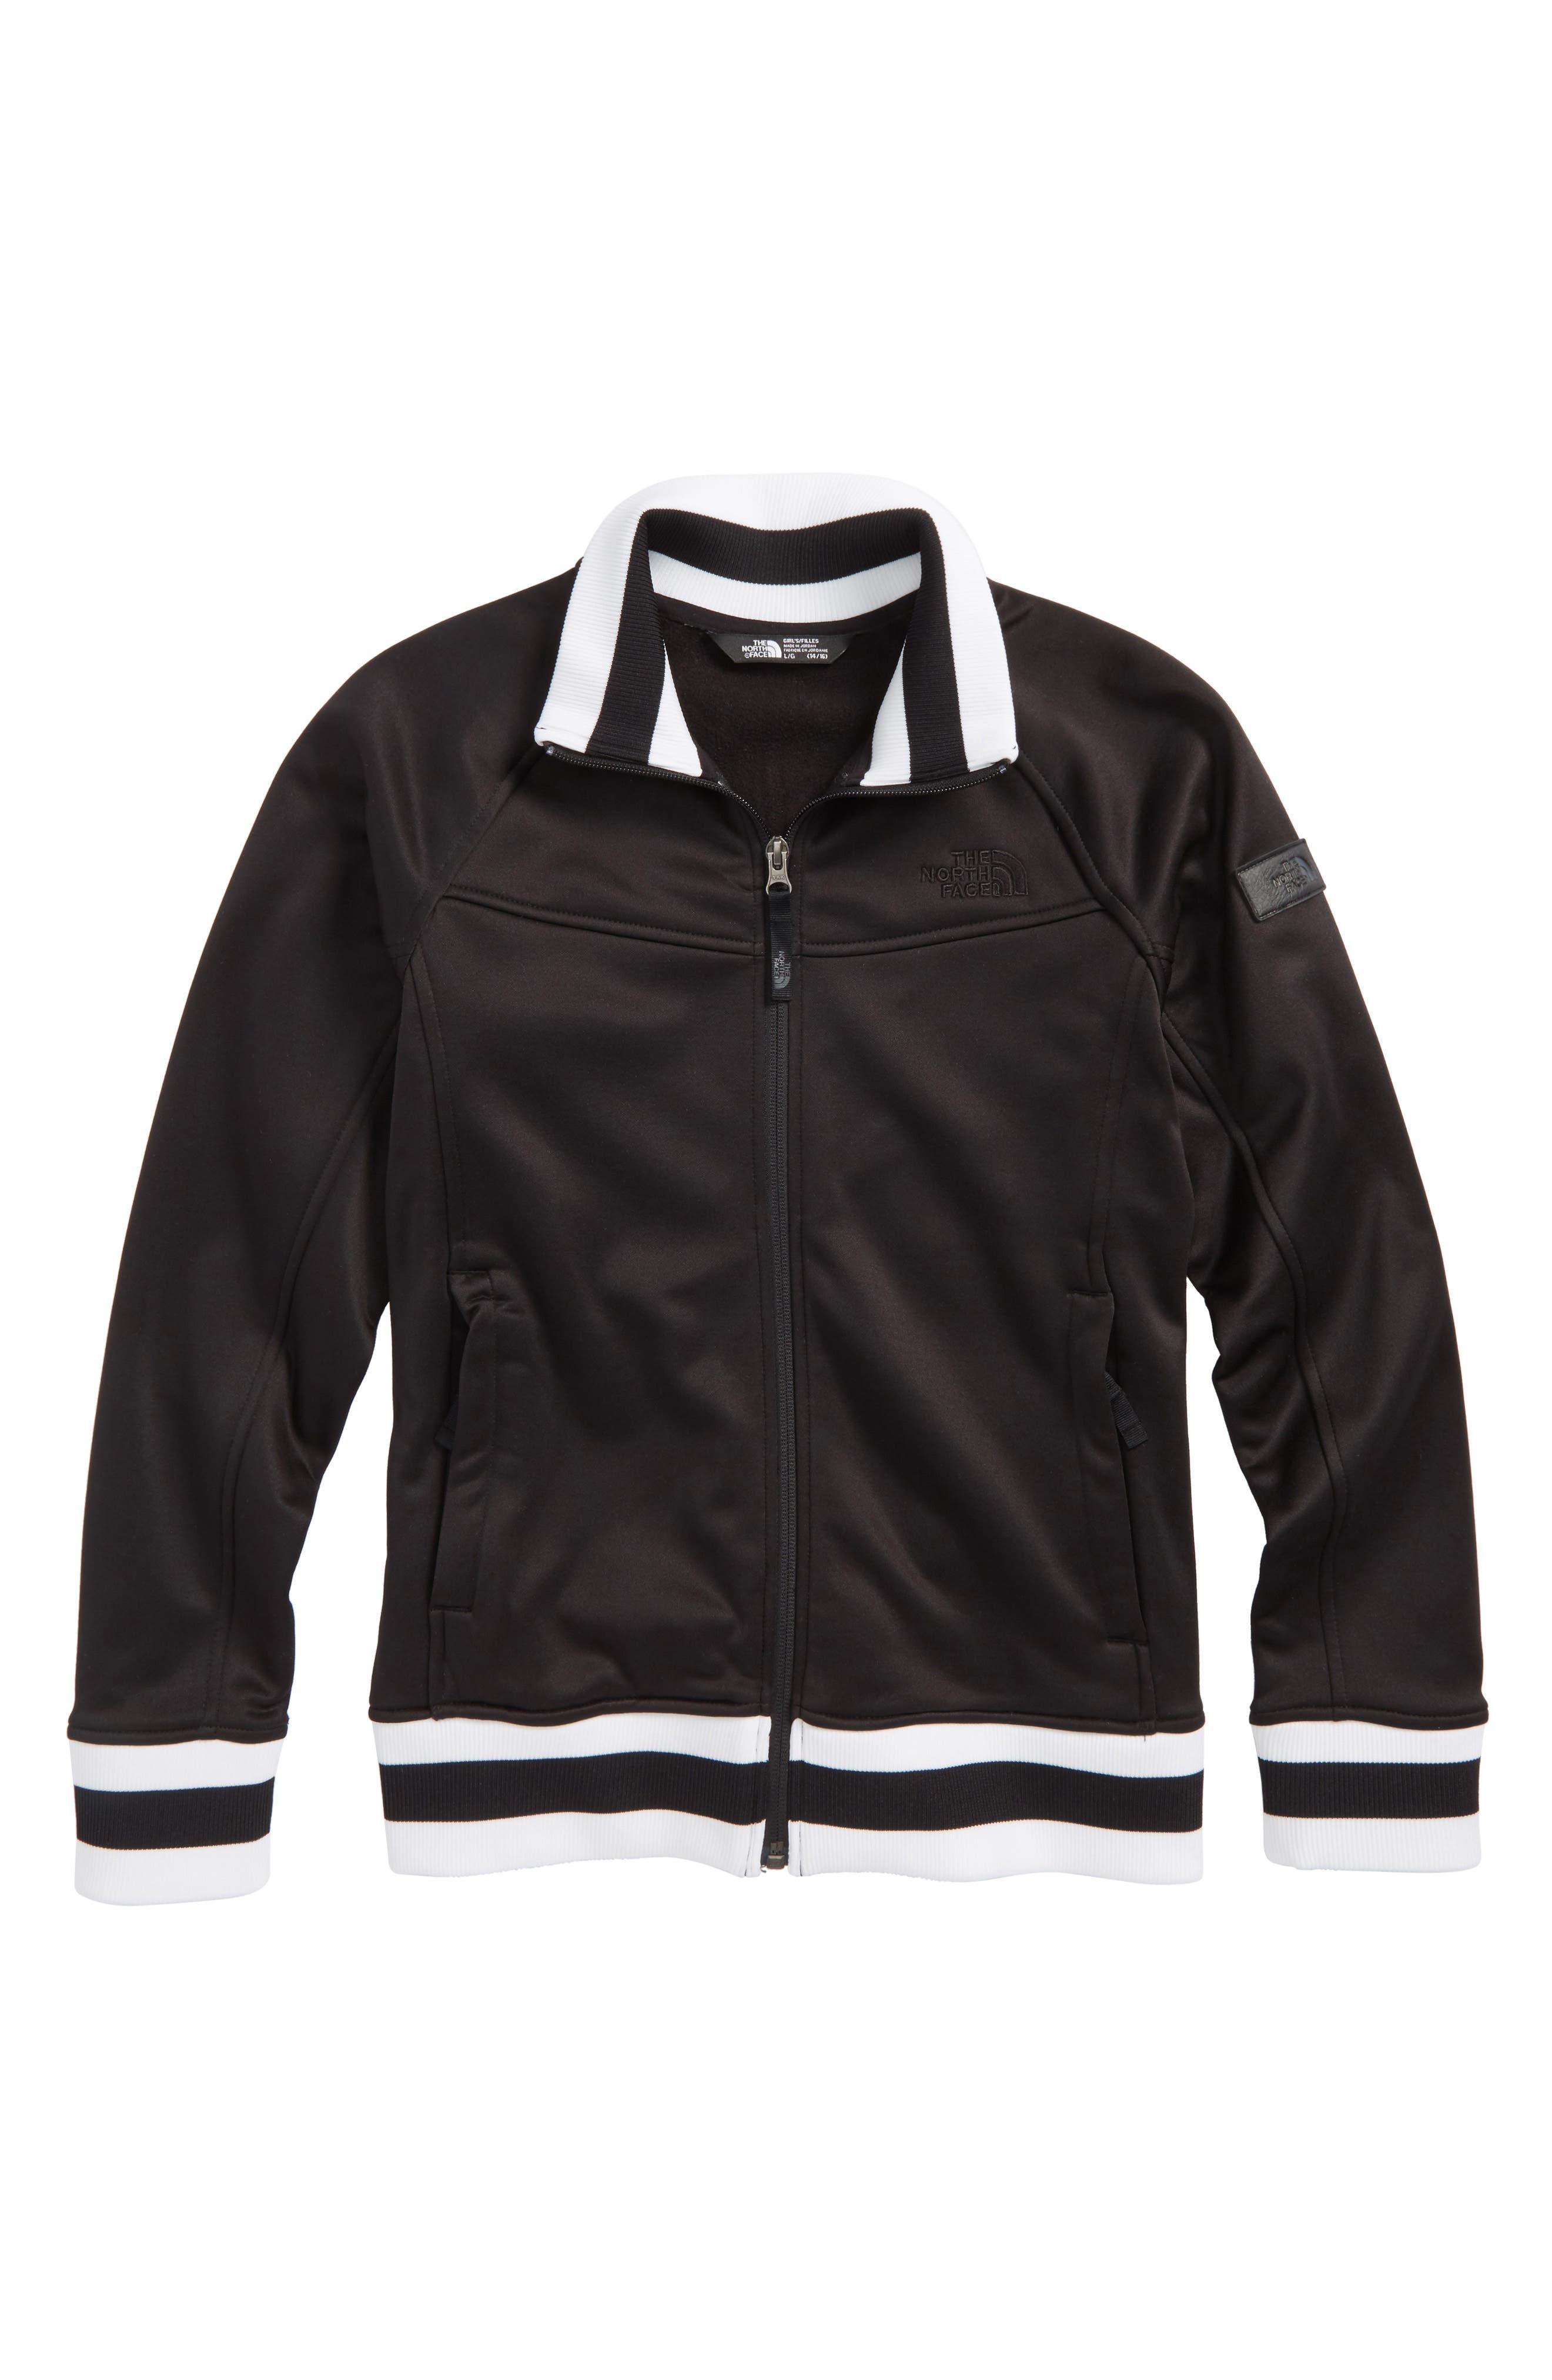 Takeback Track Jacket,                         Main,                         color, Black